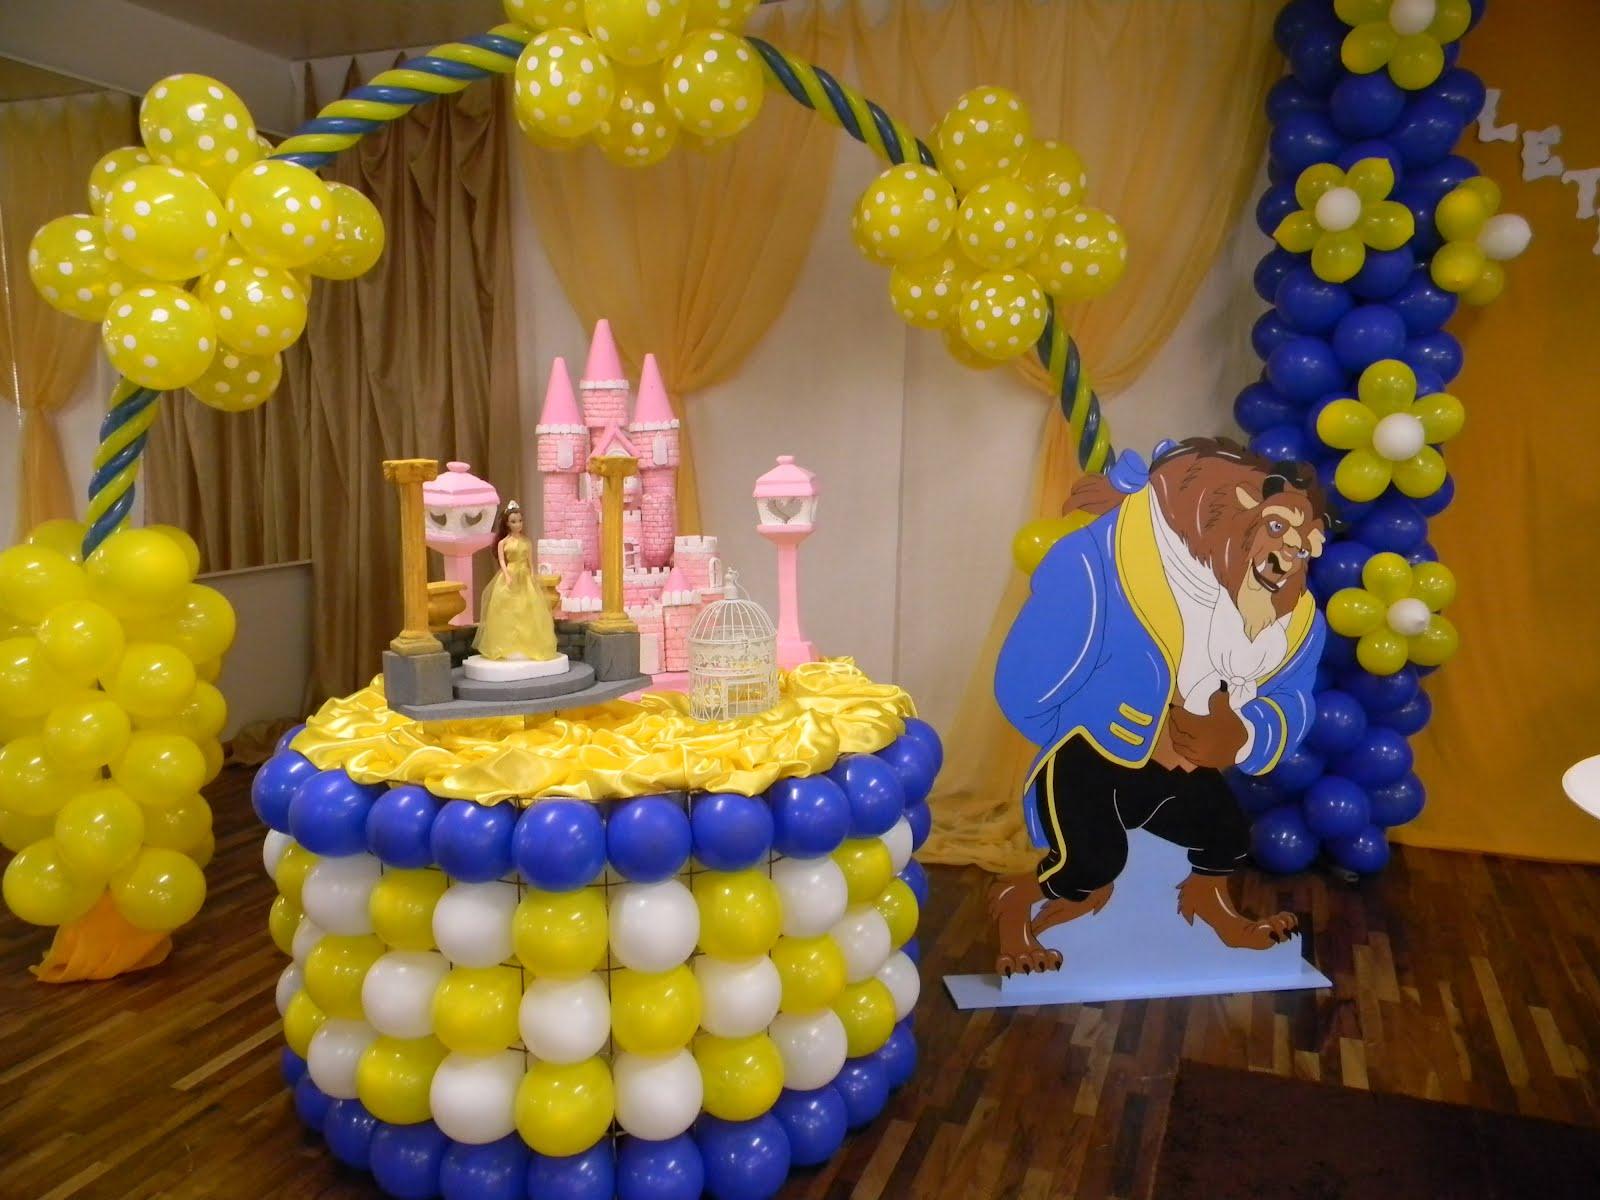 #B79A10  Decorações  Festas Infantis: Festa Bela e a Fera  Expuleto Caçador 1600x1200 px Bela Decoração Da Cozinha_403 Imagens